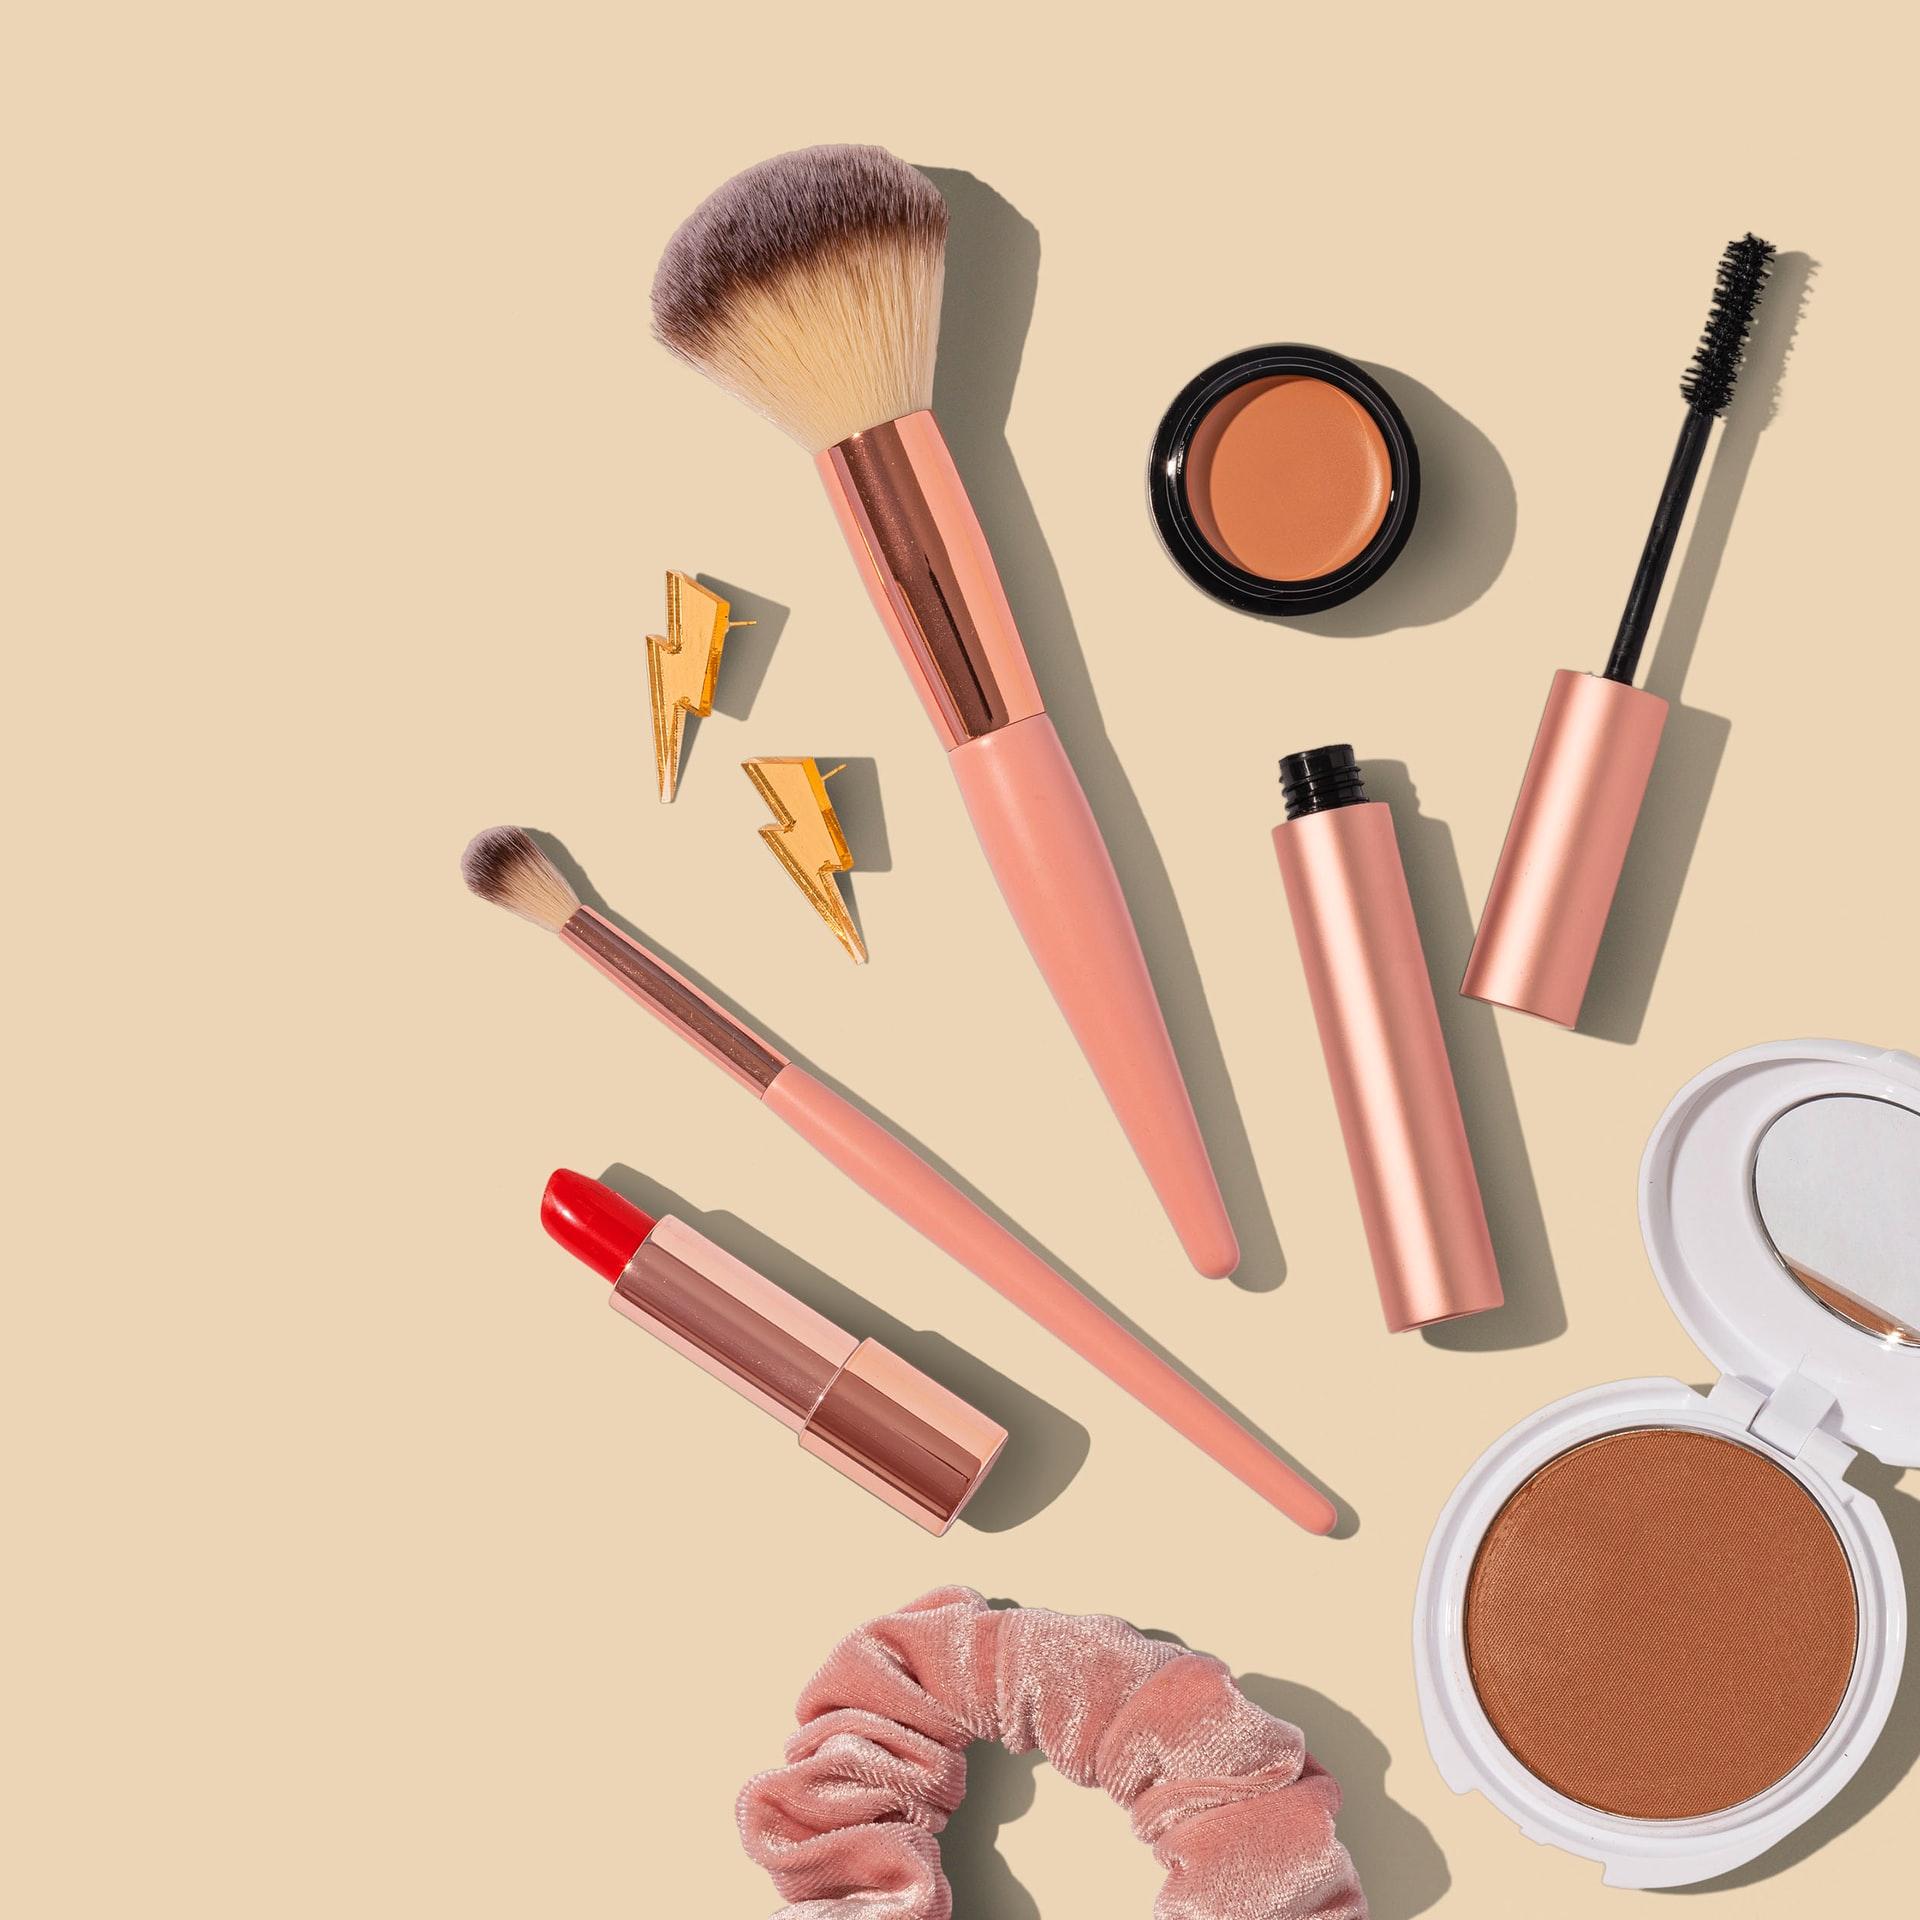 tools-beauty